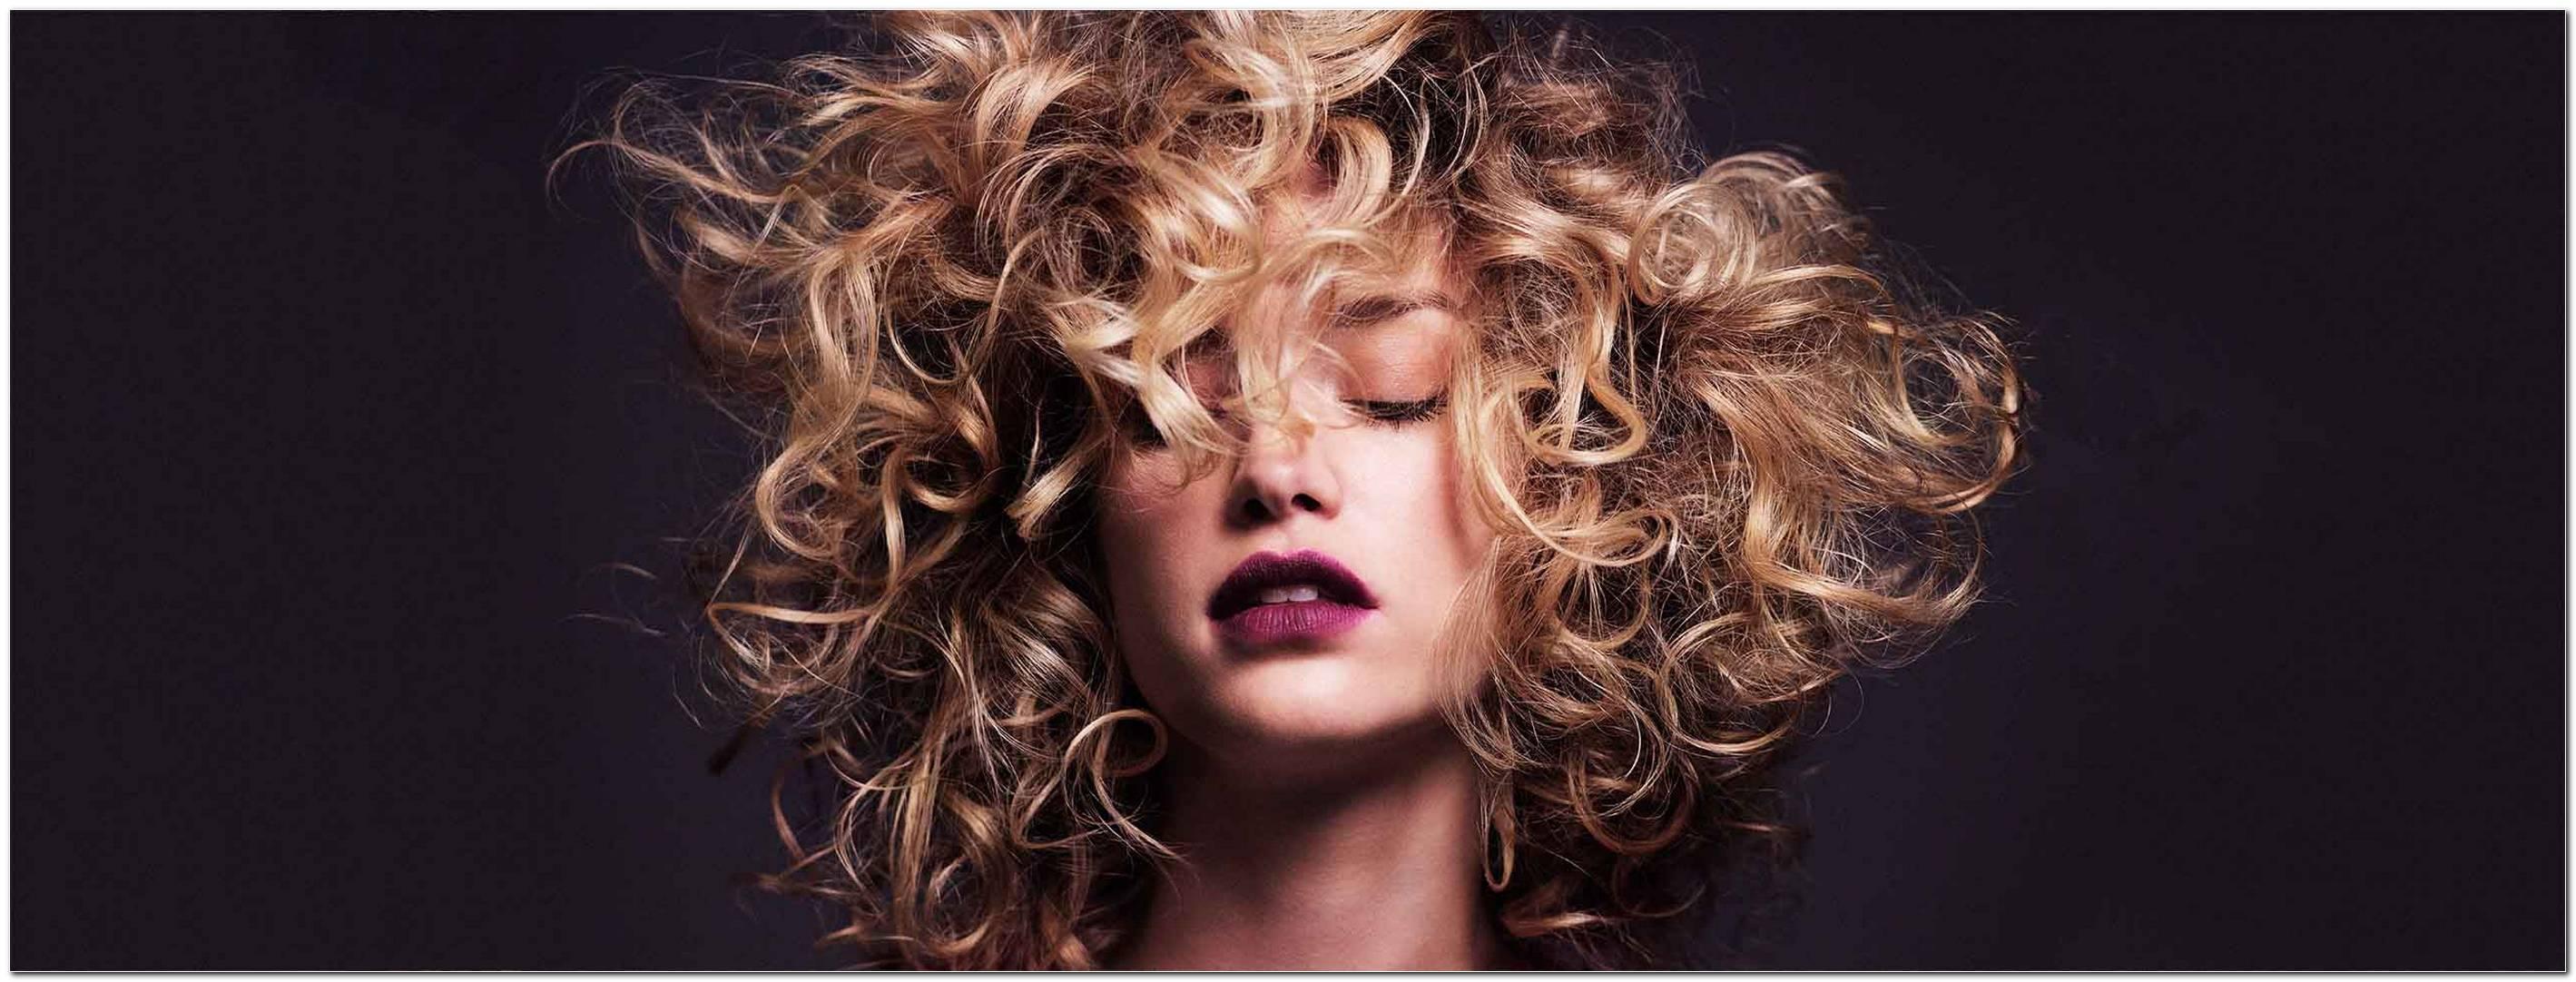 Frisur Rausgewachsene Dauerwelle